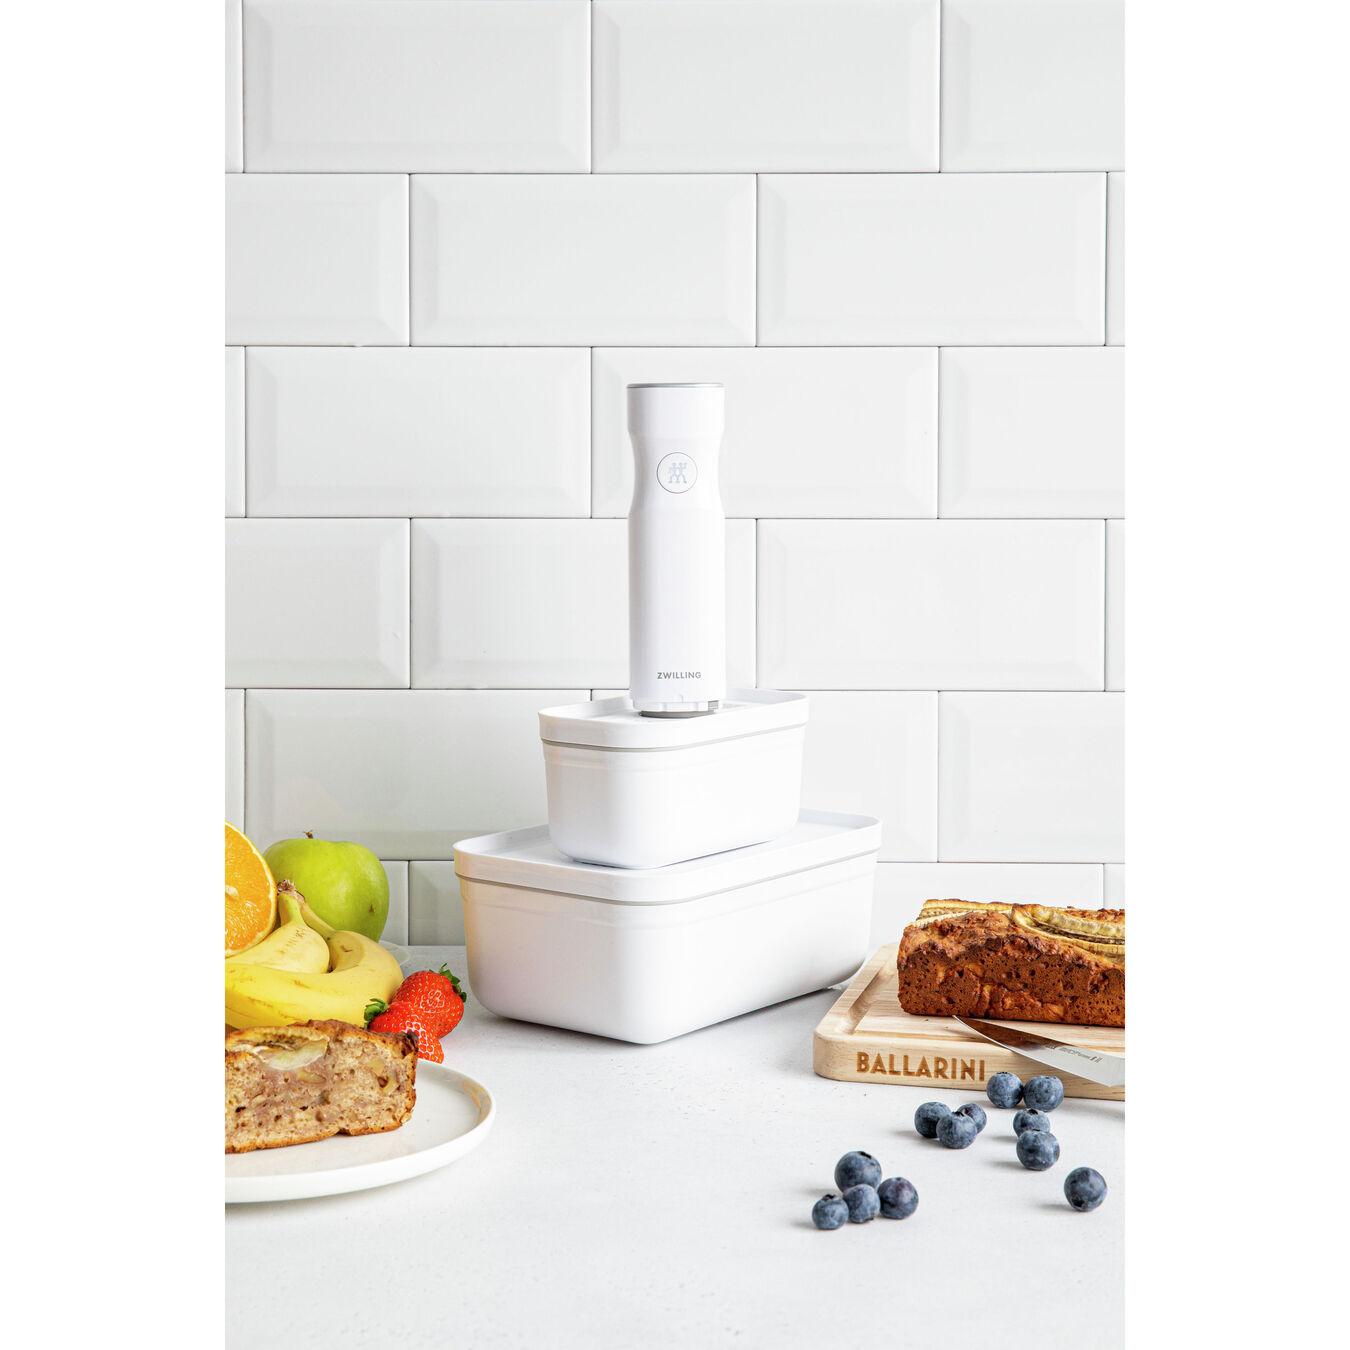 Lunch box sottovuoto - S, plastica, bianco,,large 4